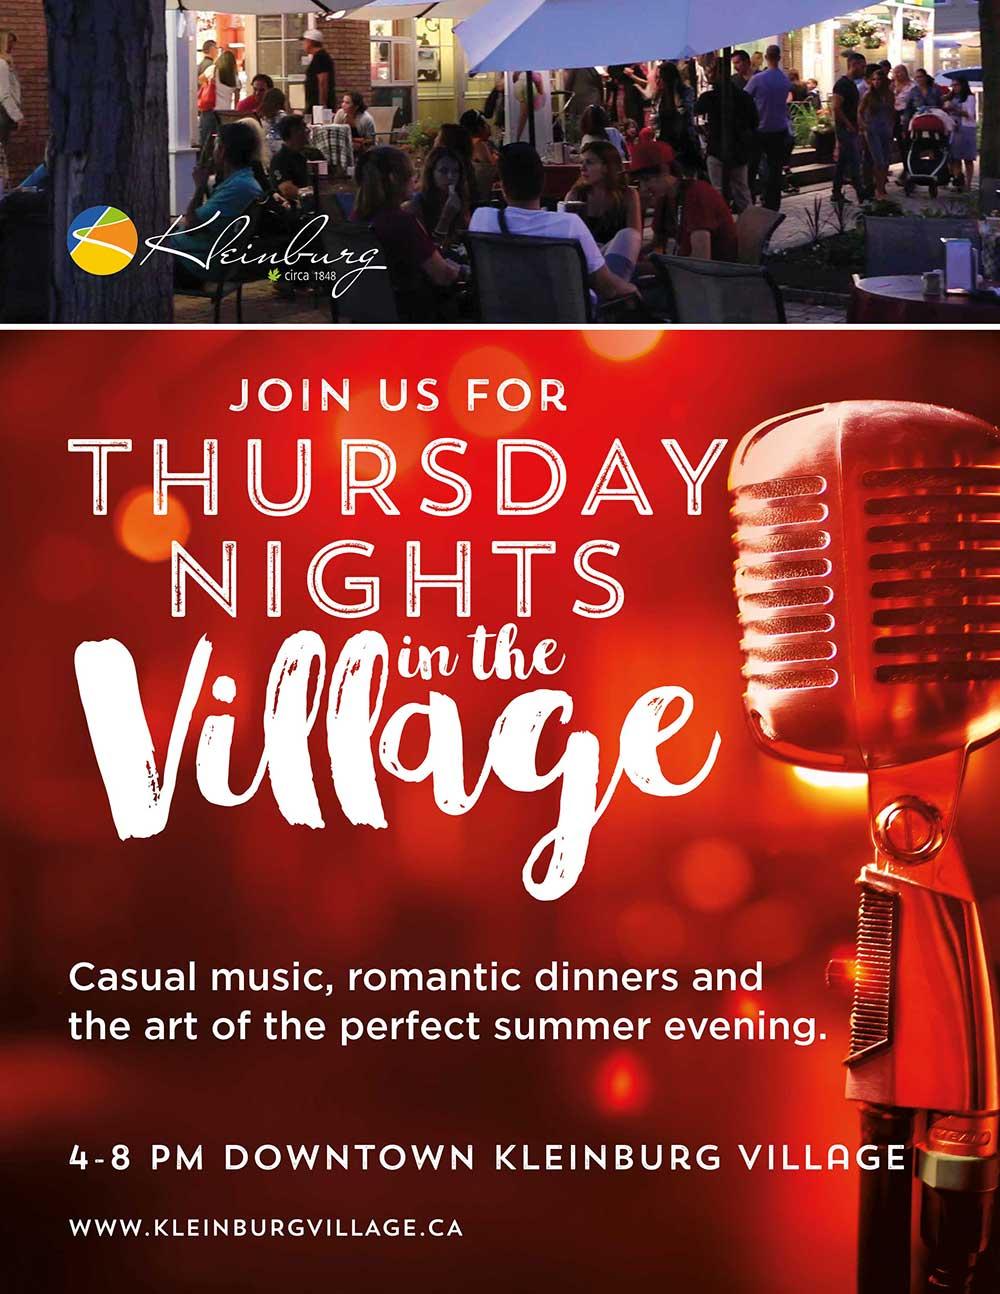 ThursdayNightsPOSTER-jul26web